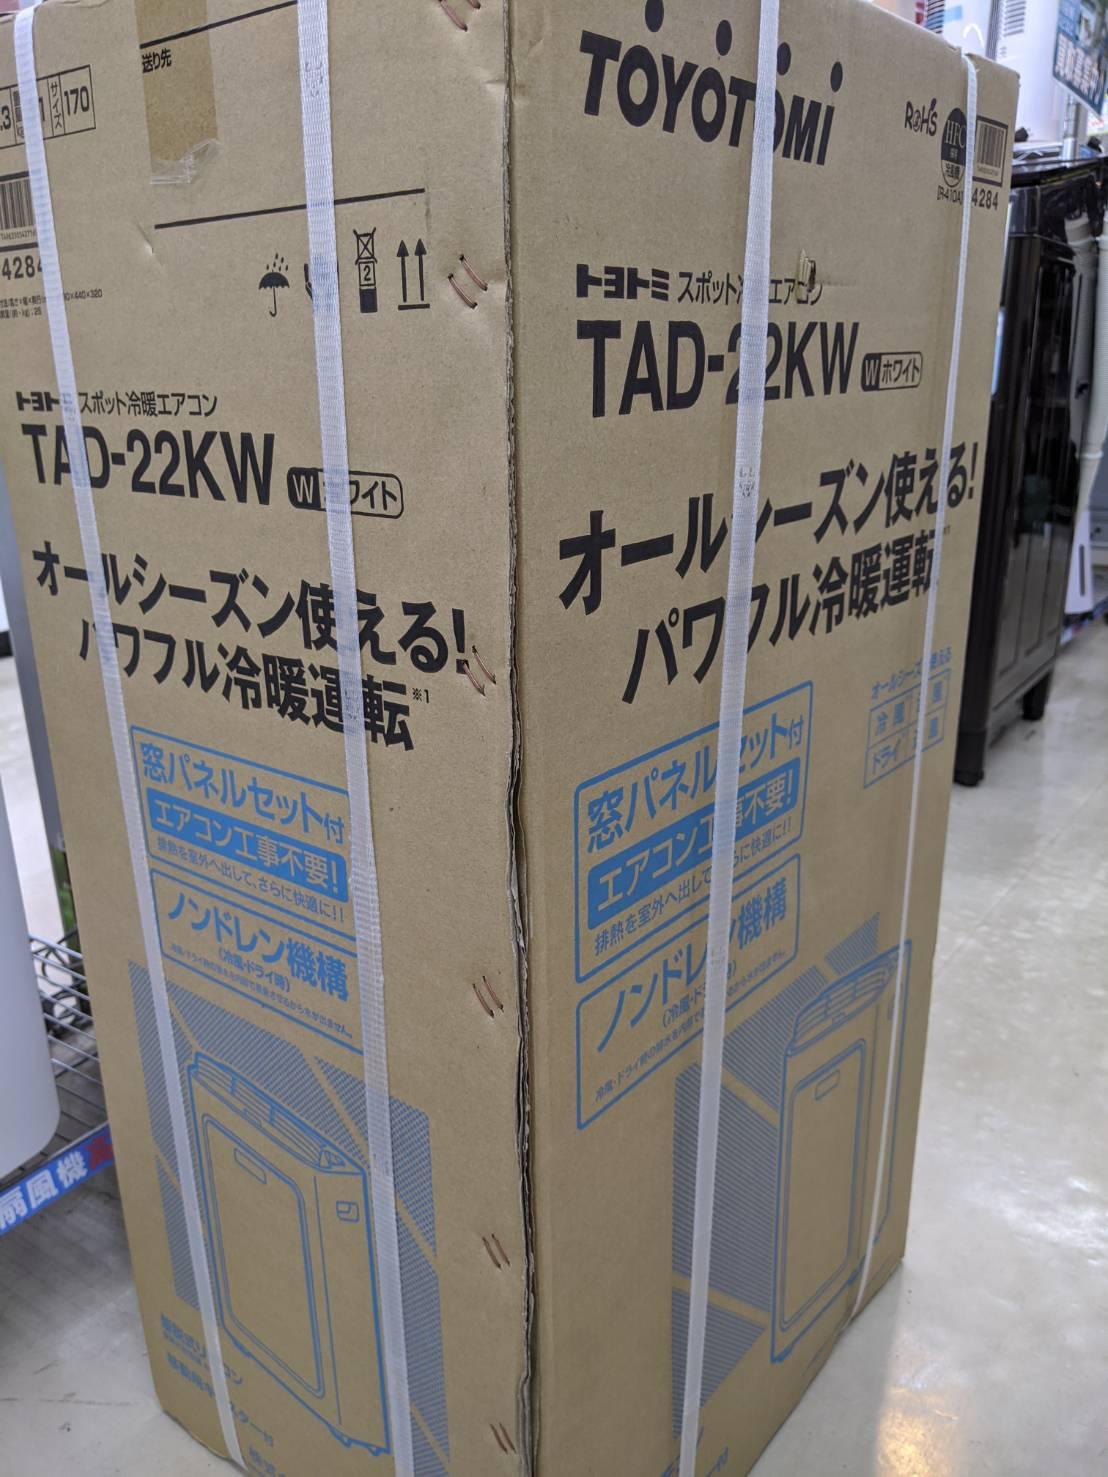 【トヨトミ 未使用品 スポットエアコン TAD-22KW 】お買取りしました!の買取-